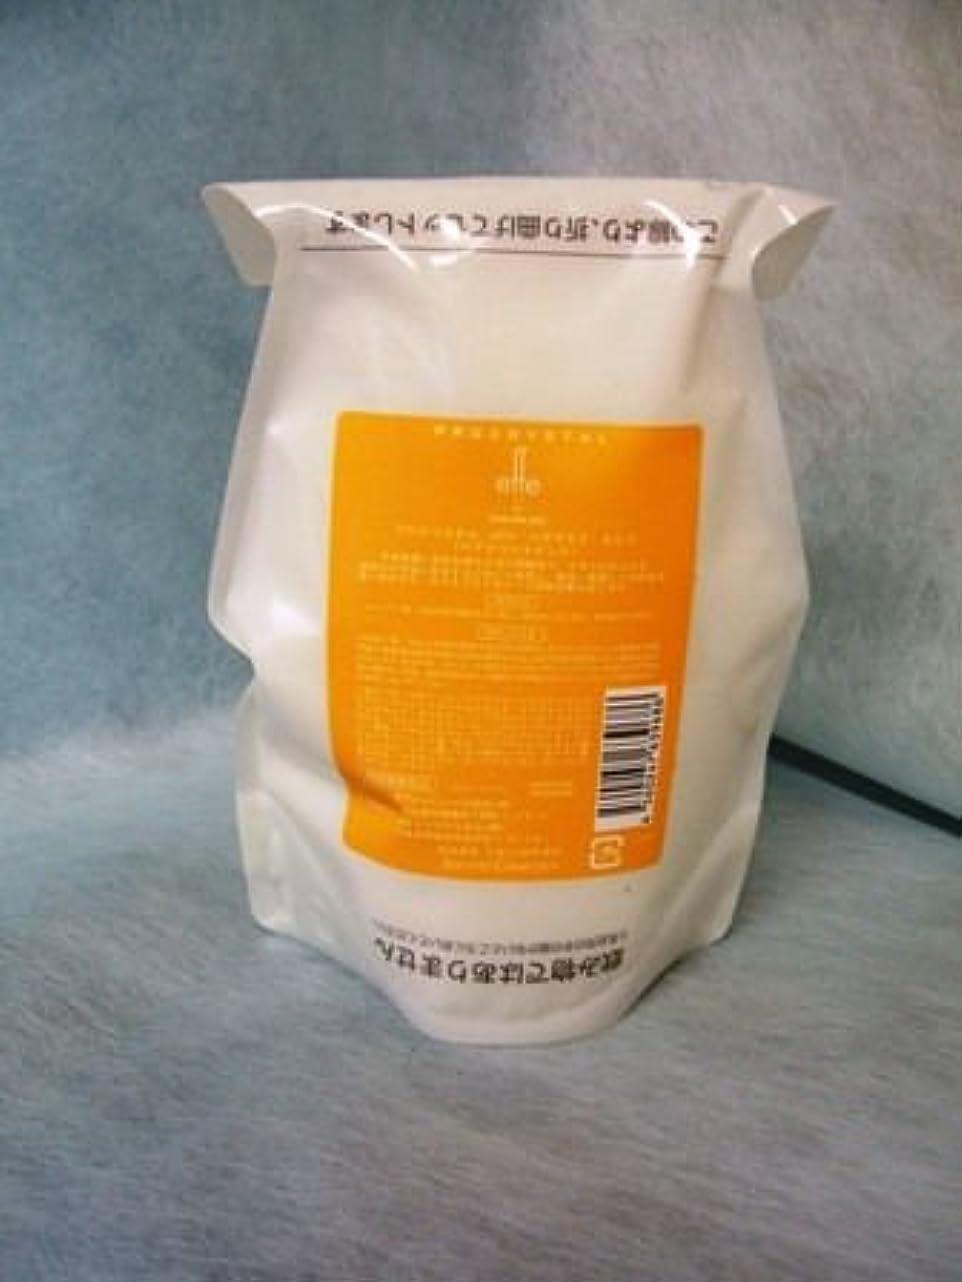 摂動文献モッキンバードアペティート化粧品 プロクリスタル effe (エフ) ヘアマスク さらり500g(レフィル)